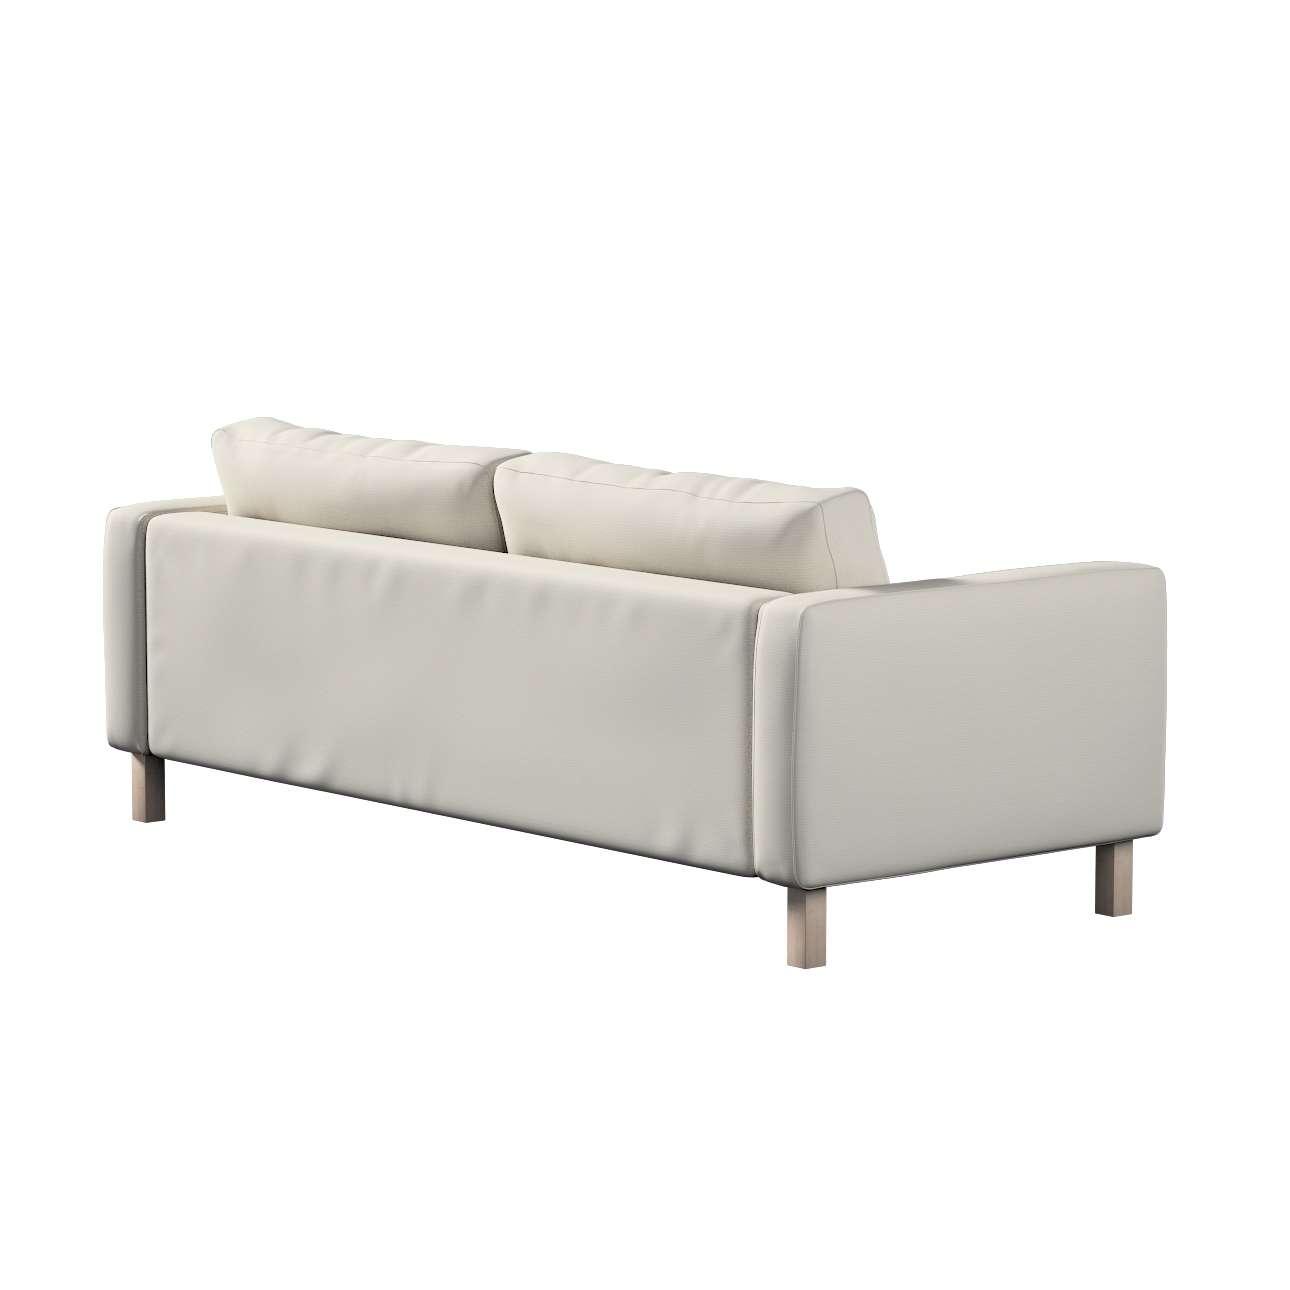 Karlstad 3-Sitzer Sofabezug nicht ausklappbar kurz von der Kollektion Cotton Panama, Stoff: 702-31